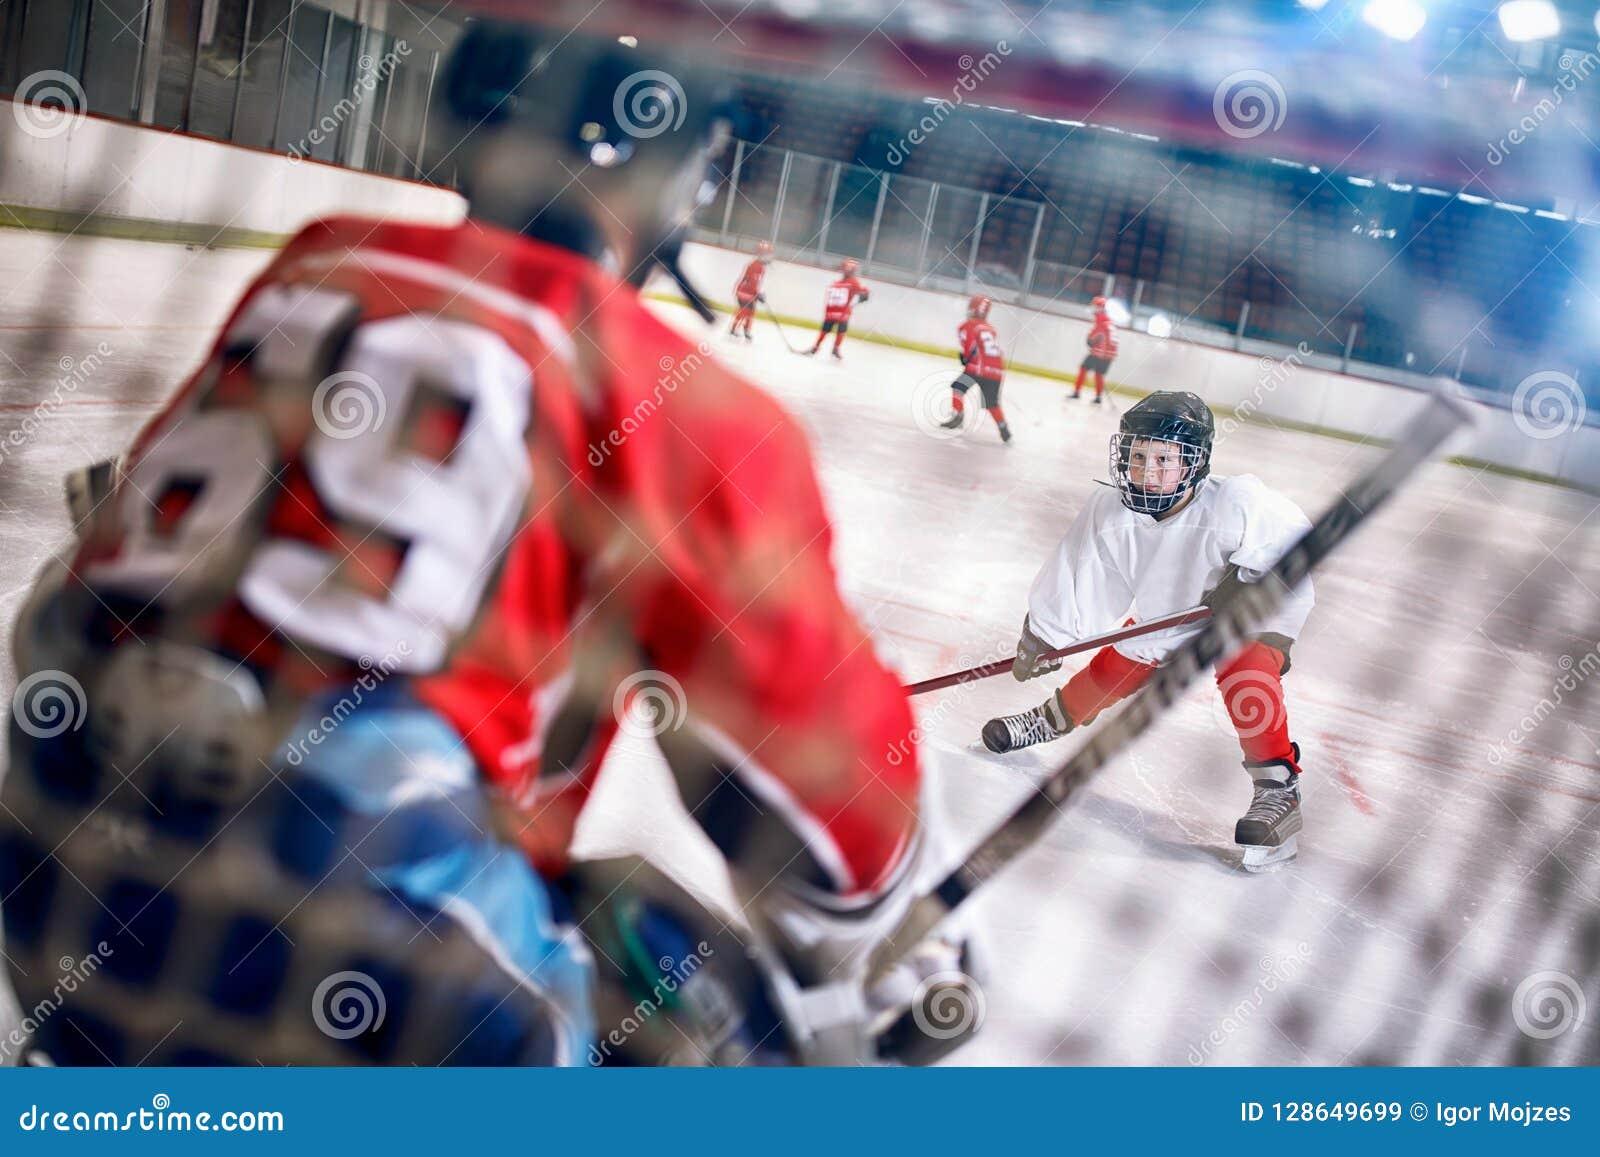 Hokeja dopasowanie przy lodowisko graczem atakuje bramkarza